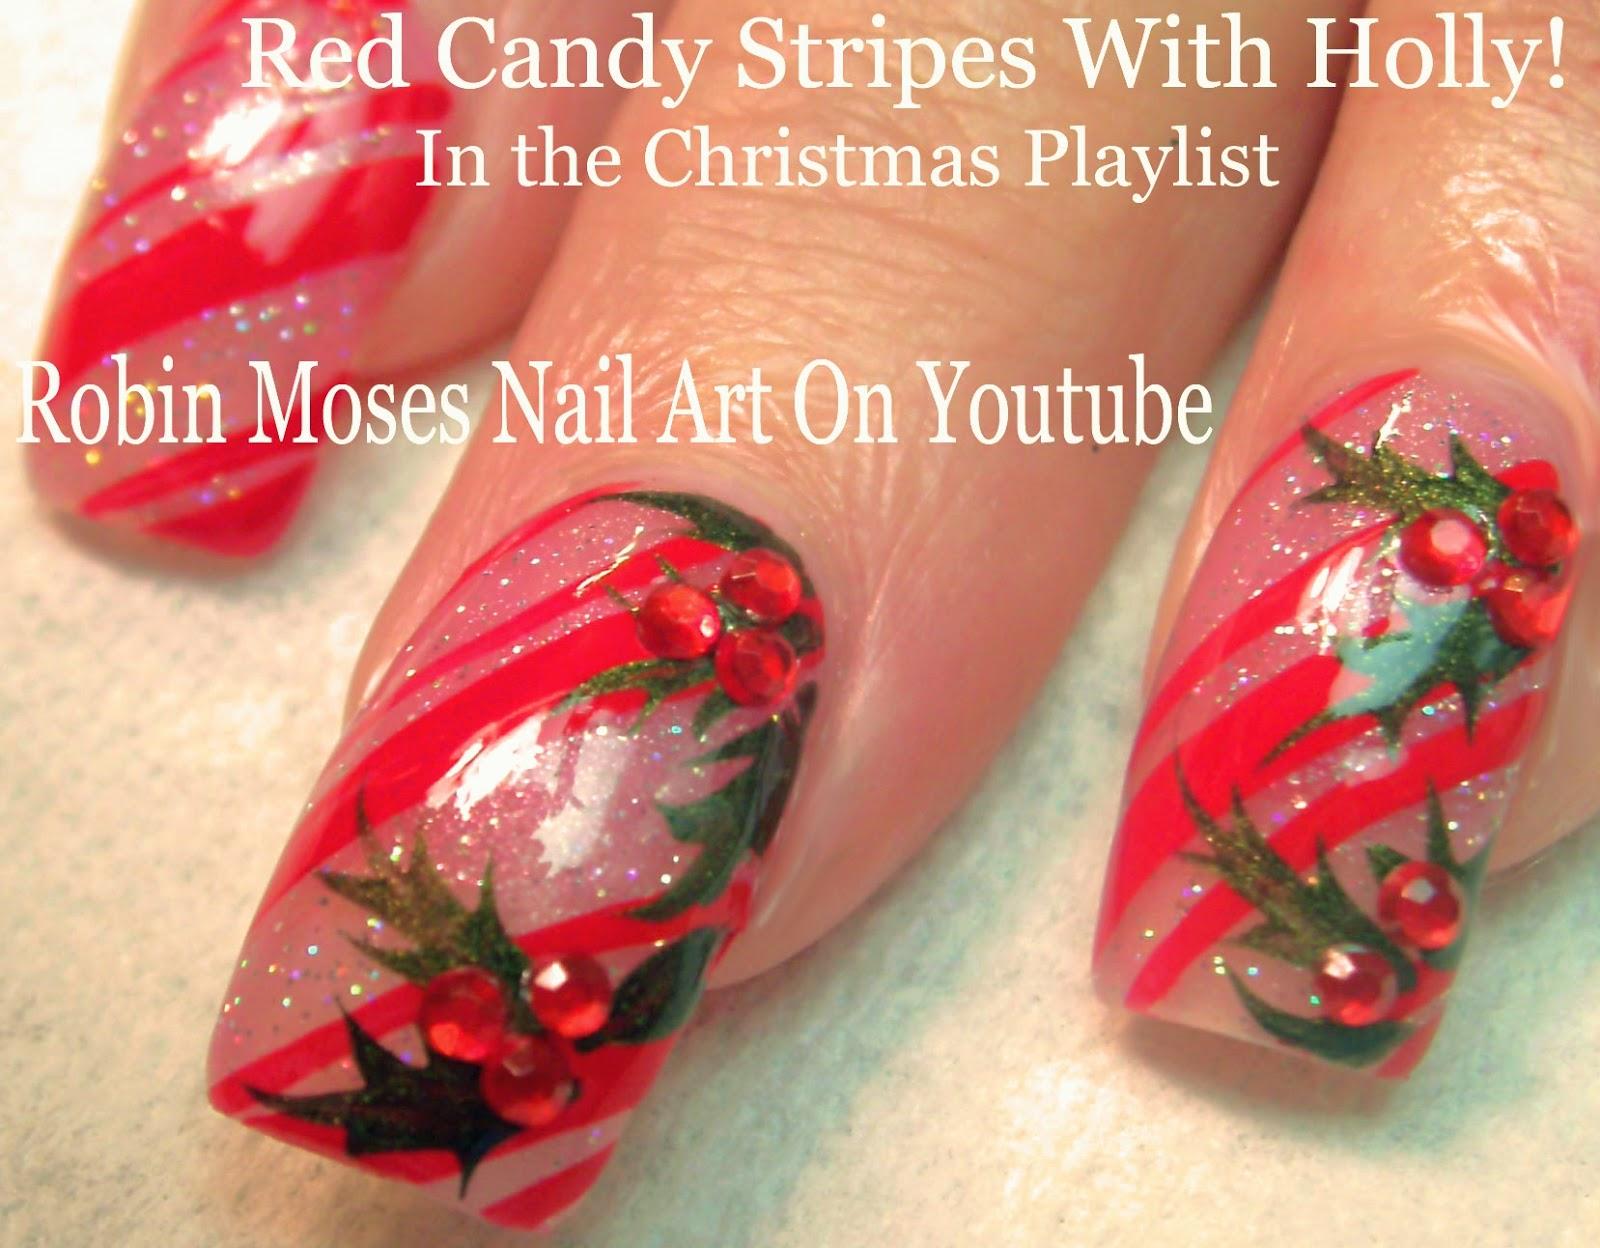 Robin Moses Nail Art: Christmas Nails! 2 Fun New Designs ...